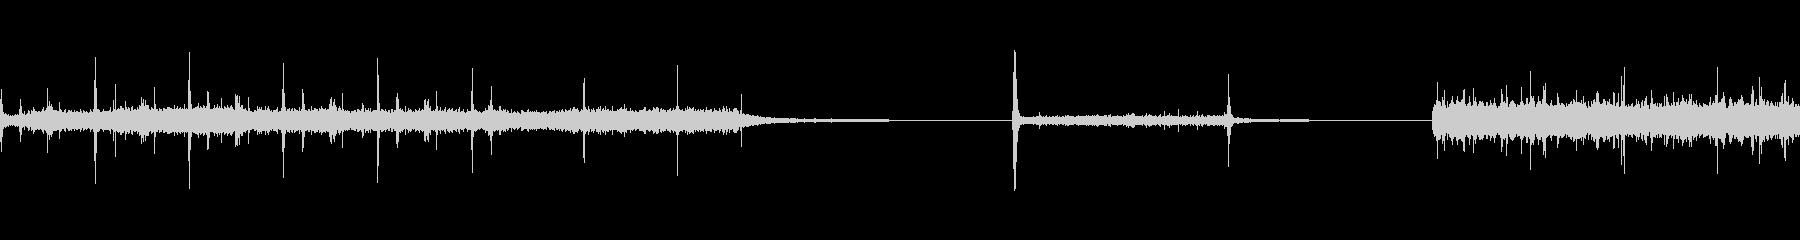 フォトコピー:5つのコピー、オフィ...の未再生の波形